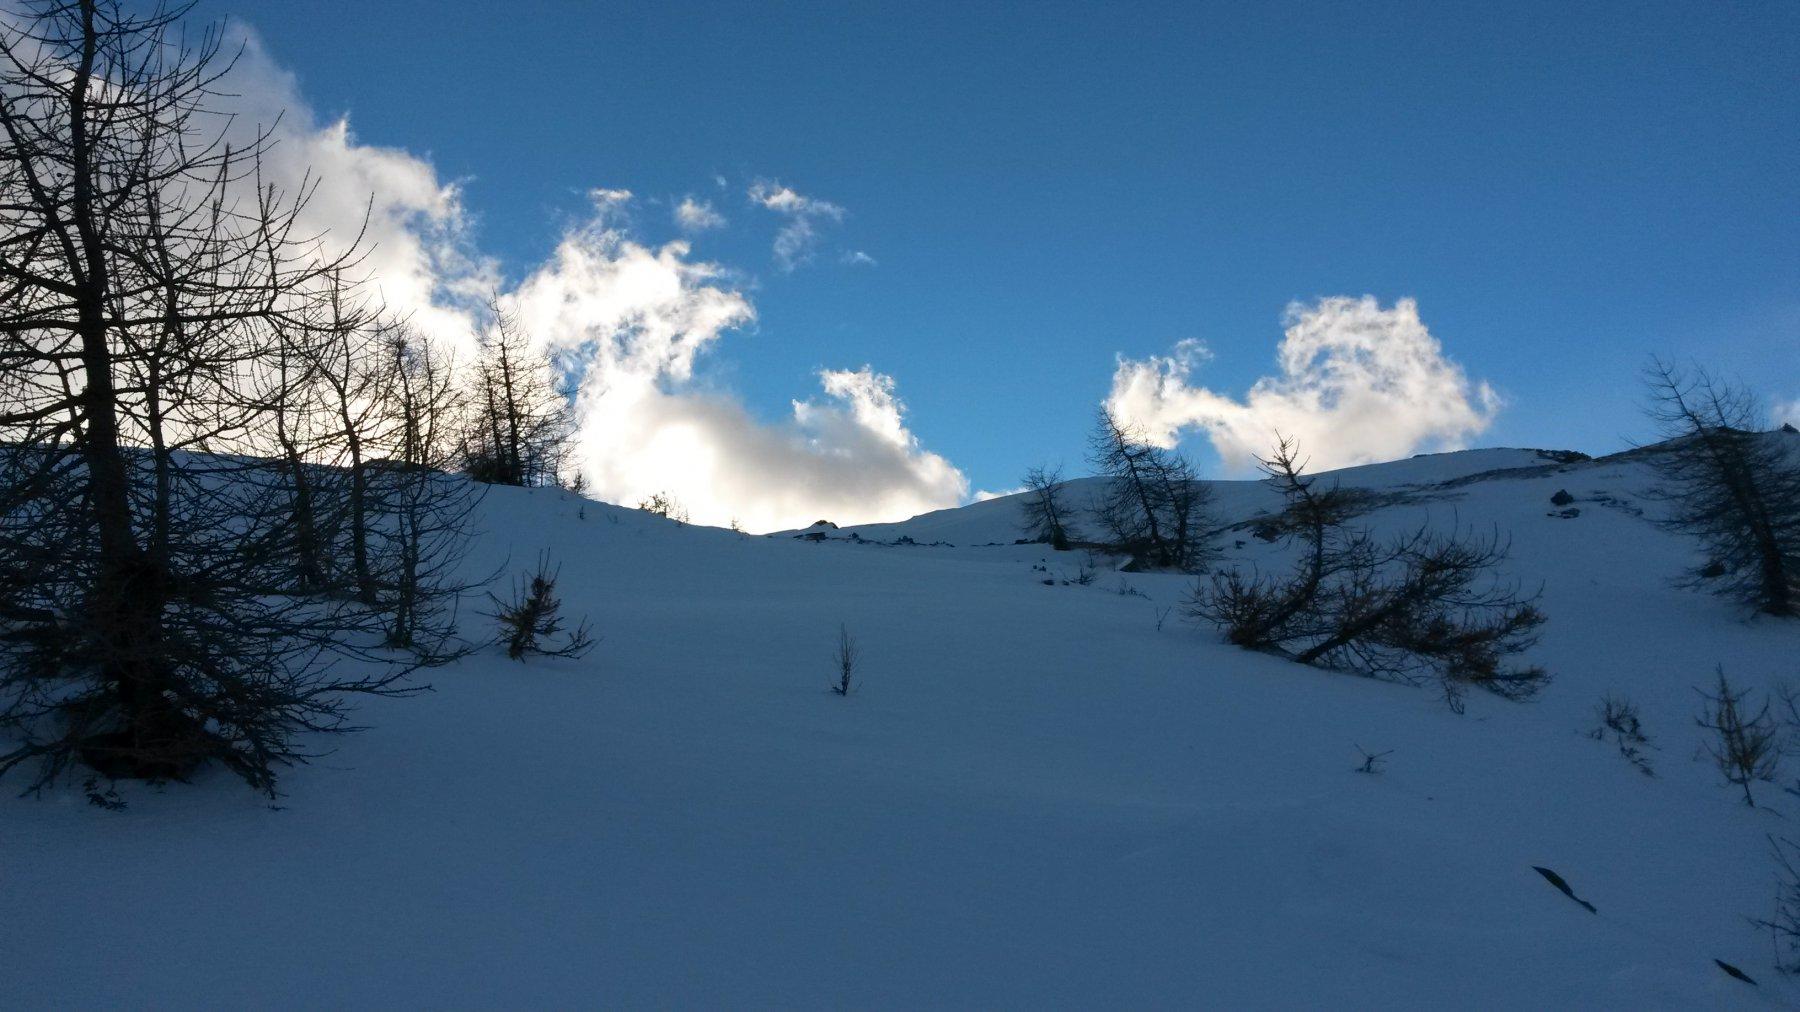 pendii ripidi per tornare all'Alpe